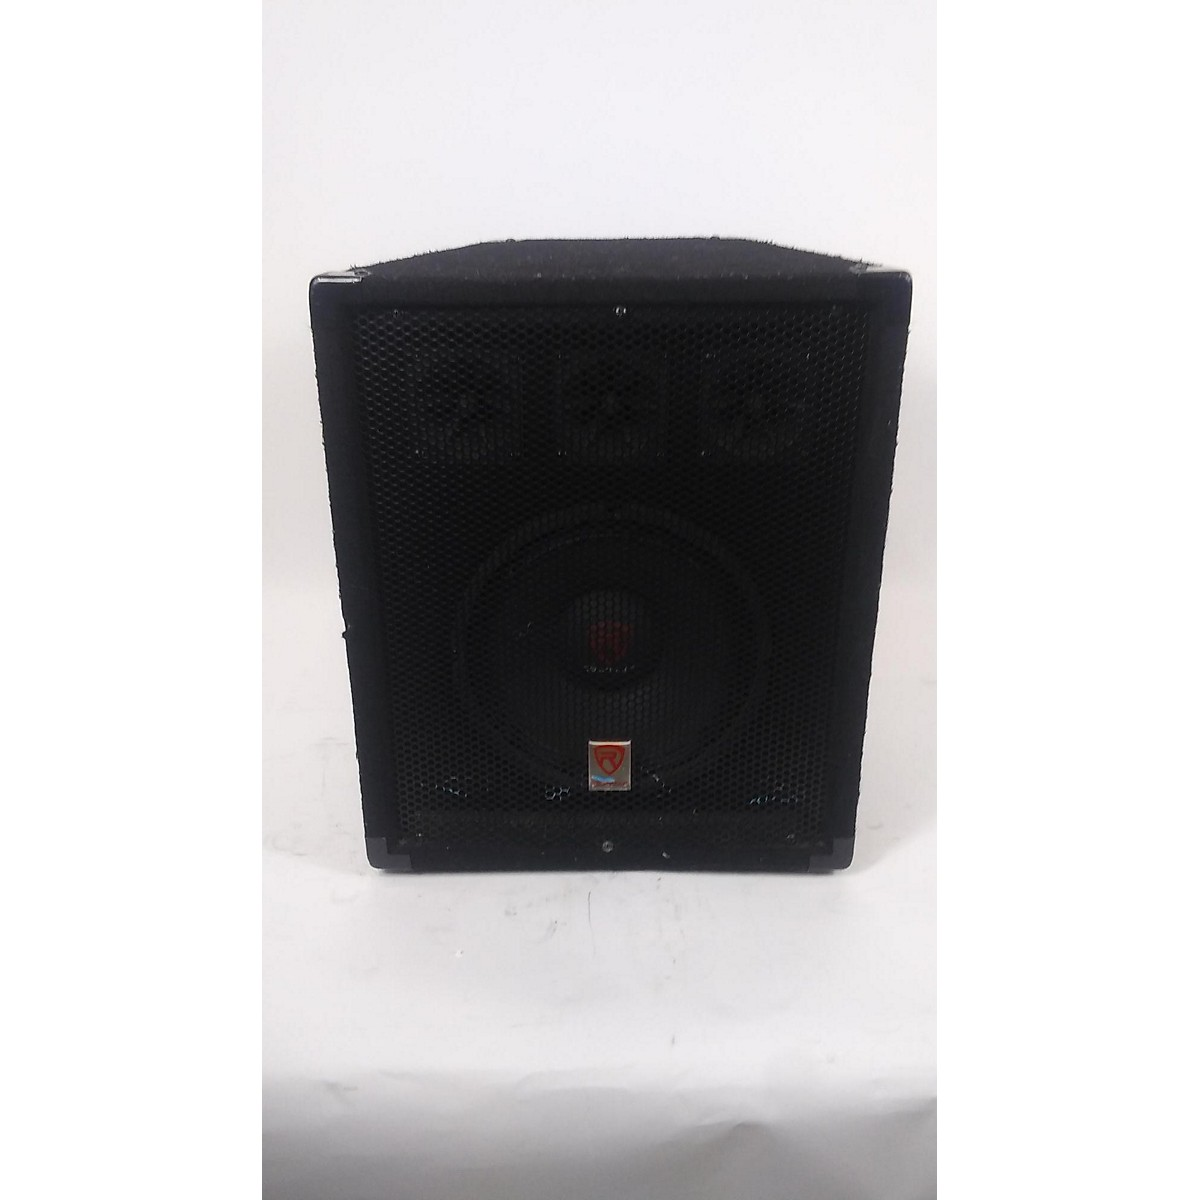 Rockville RSG 10 Unpowered Speaker